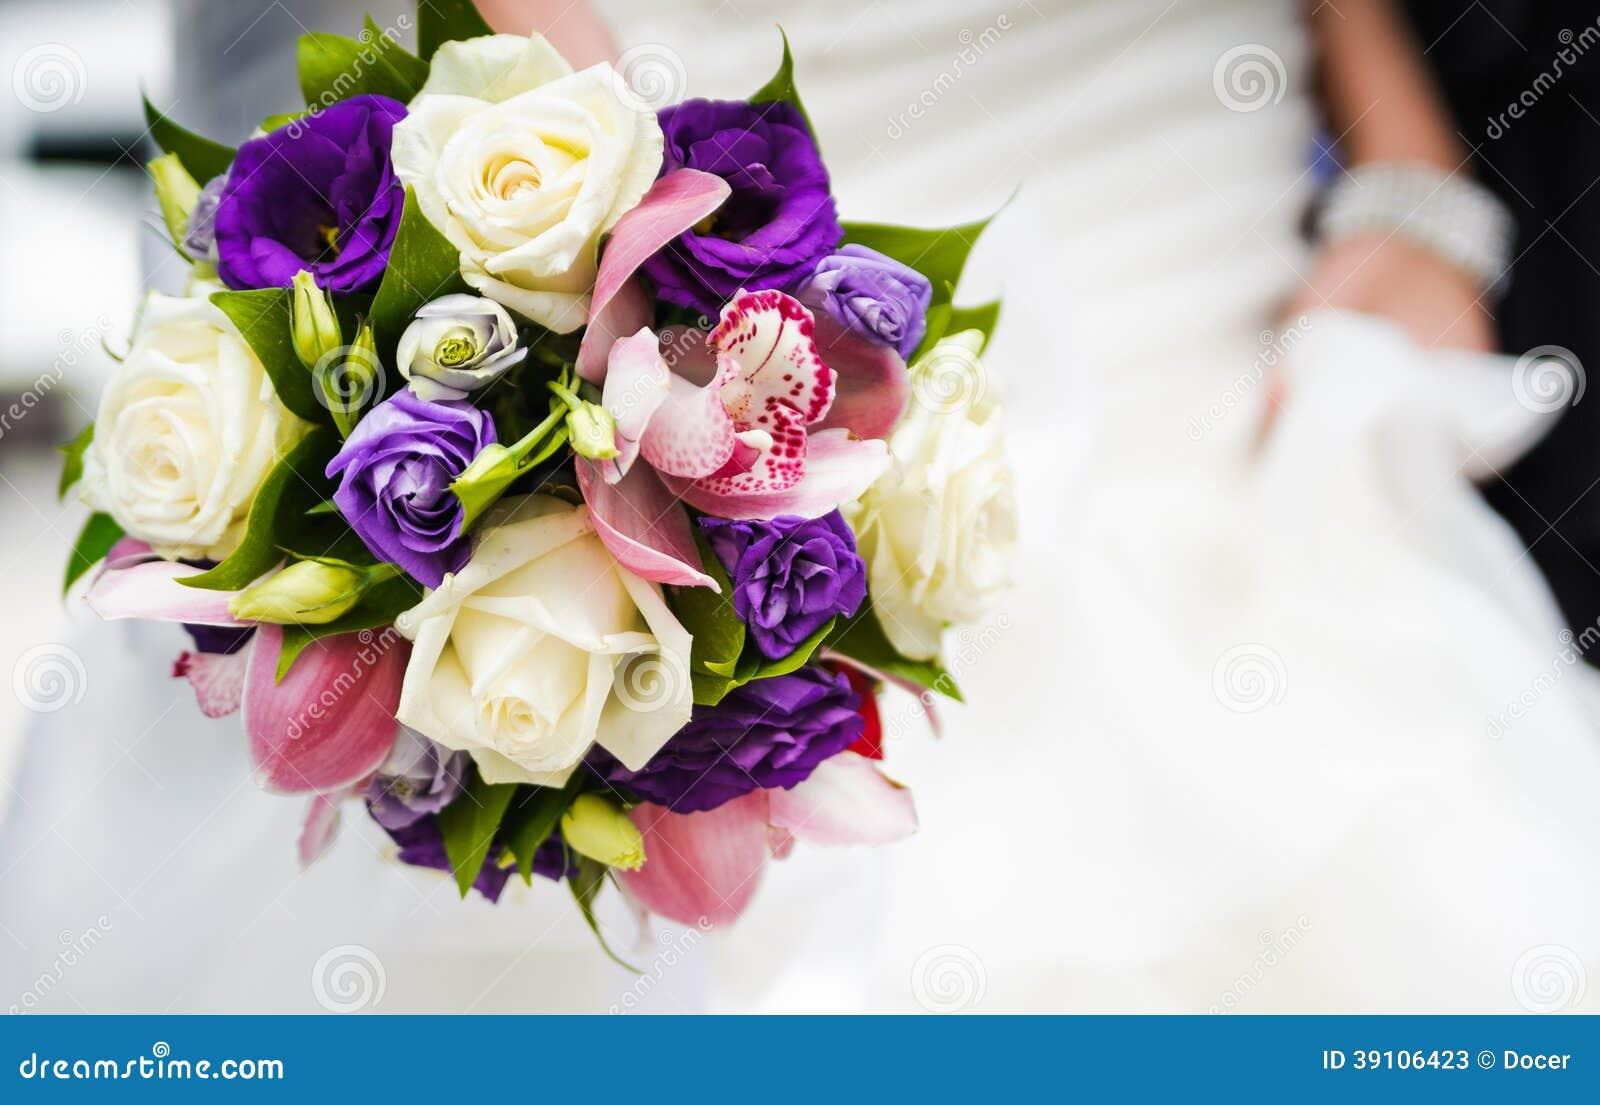 Huwelijksboeket met verschillende bloemen